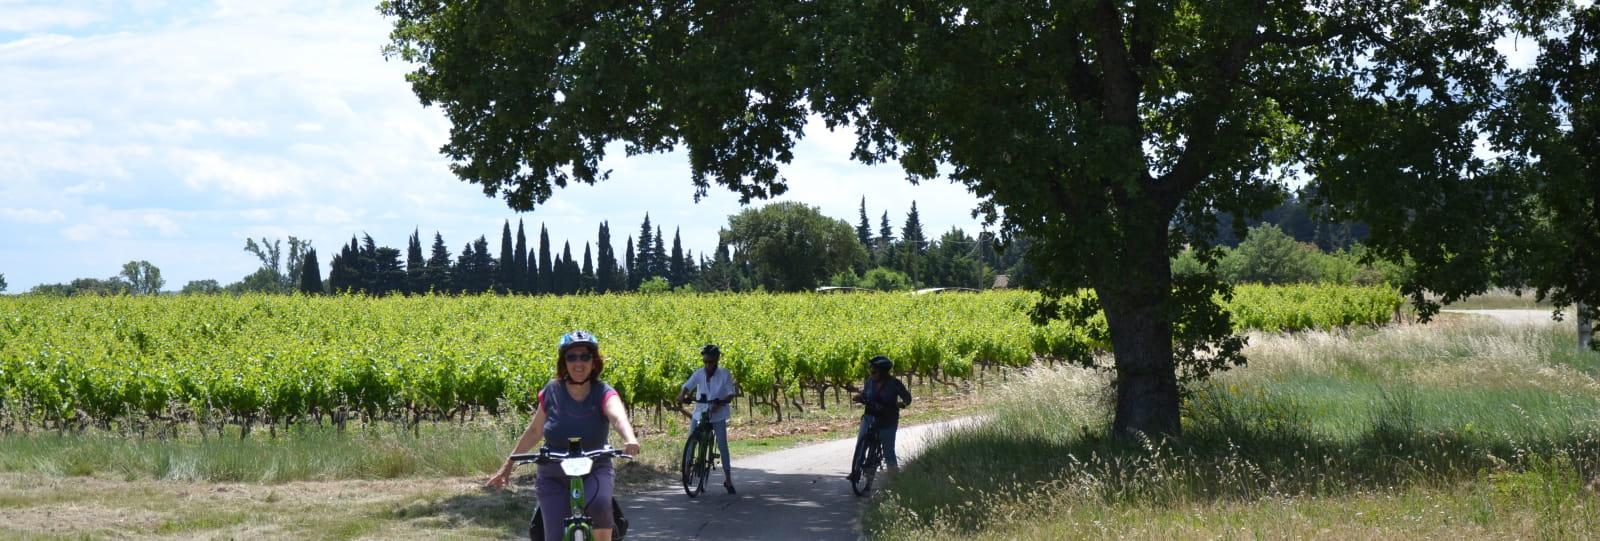 Balade - Escapade à vélo au pays de la Marquise